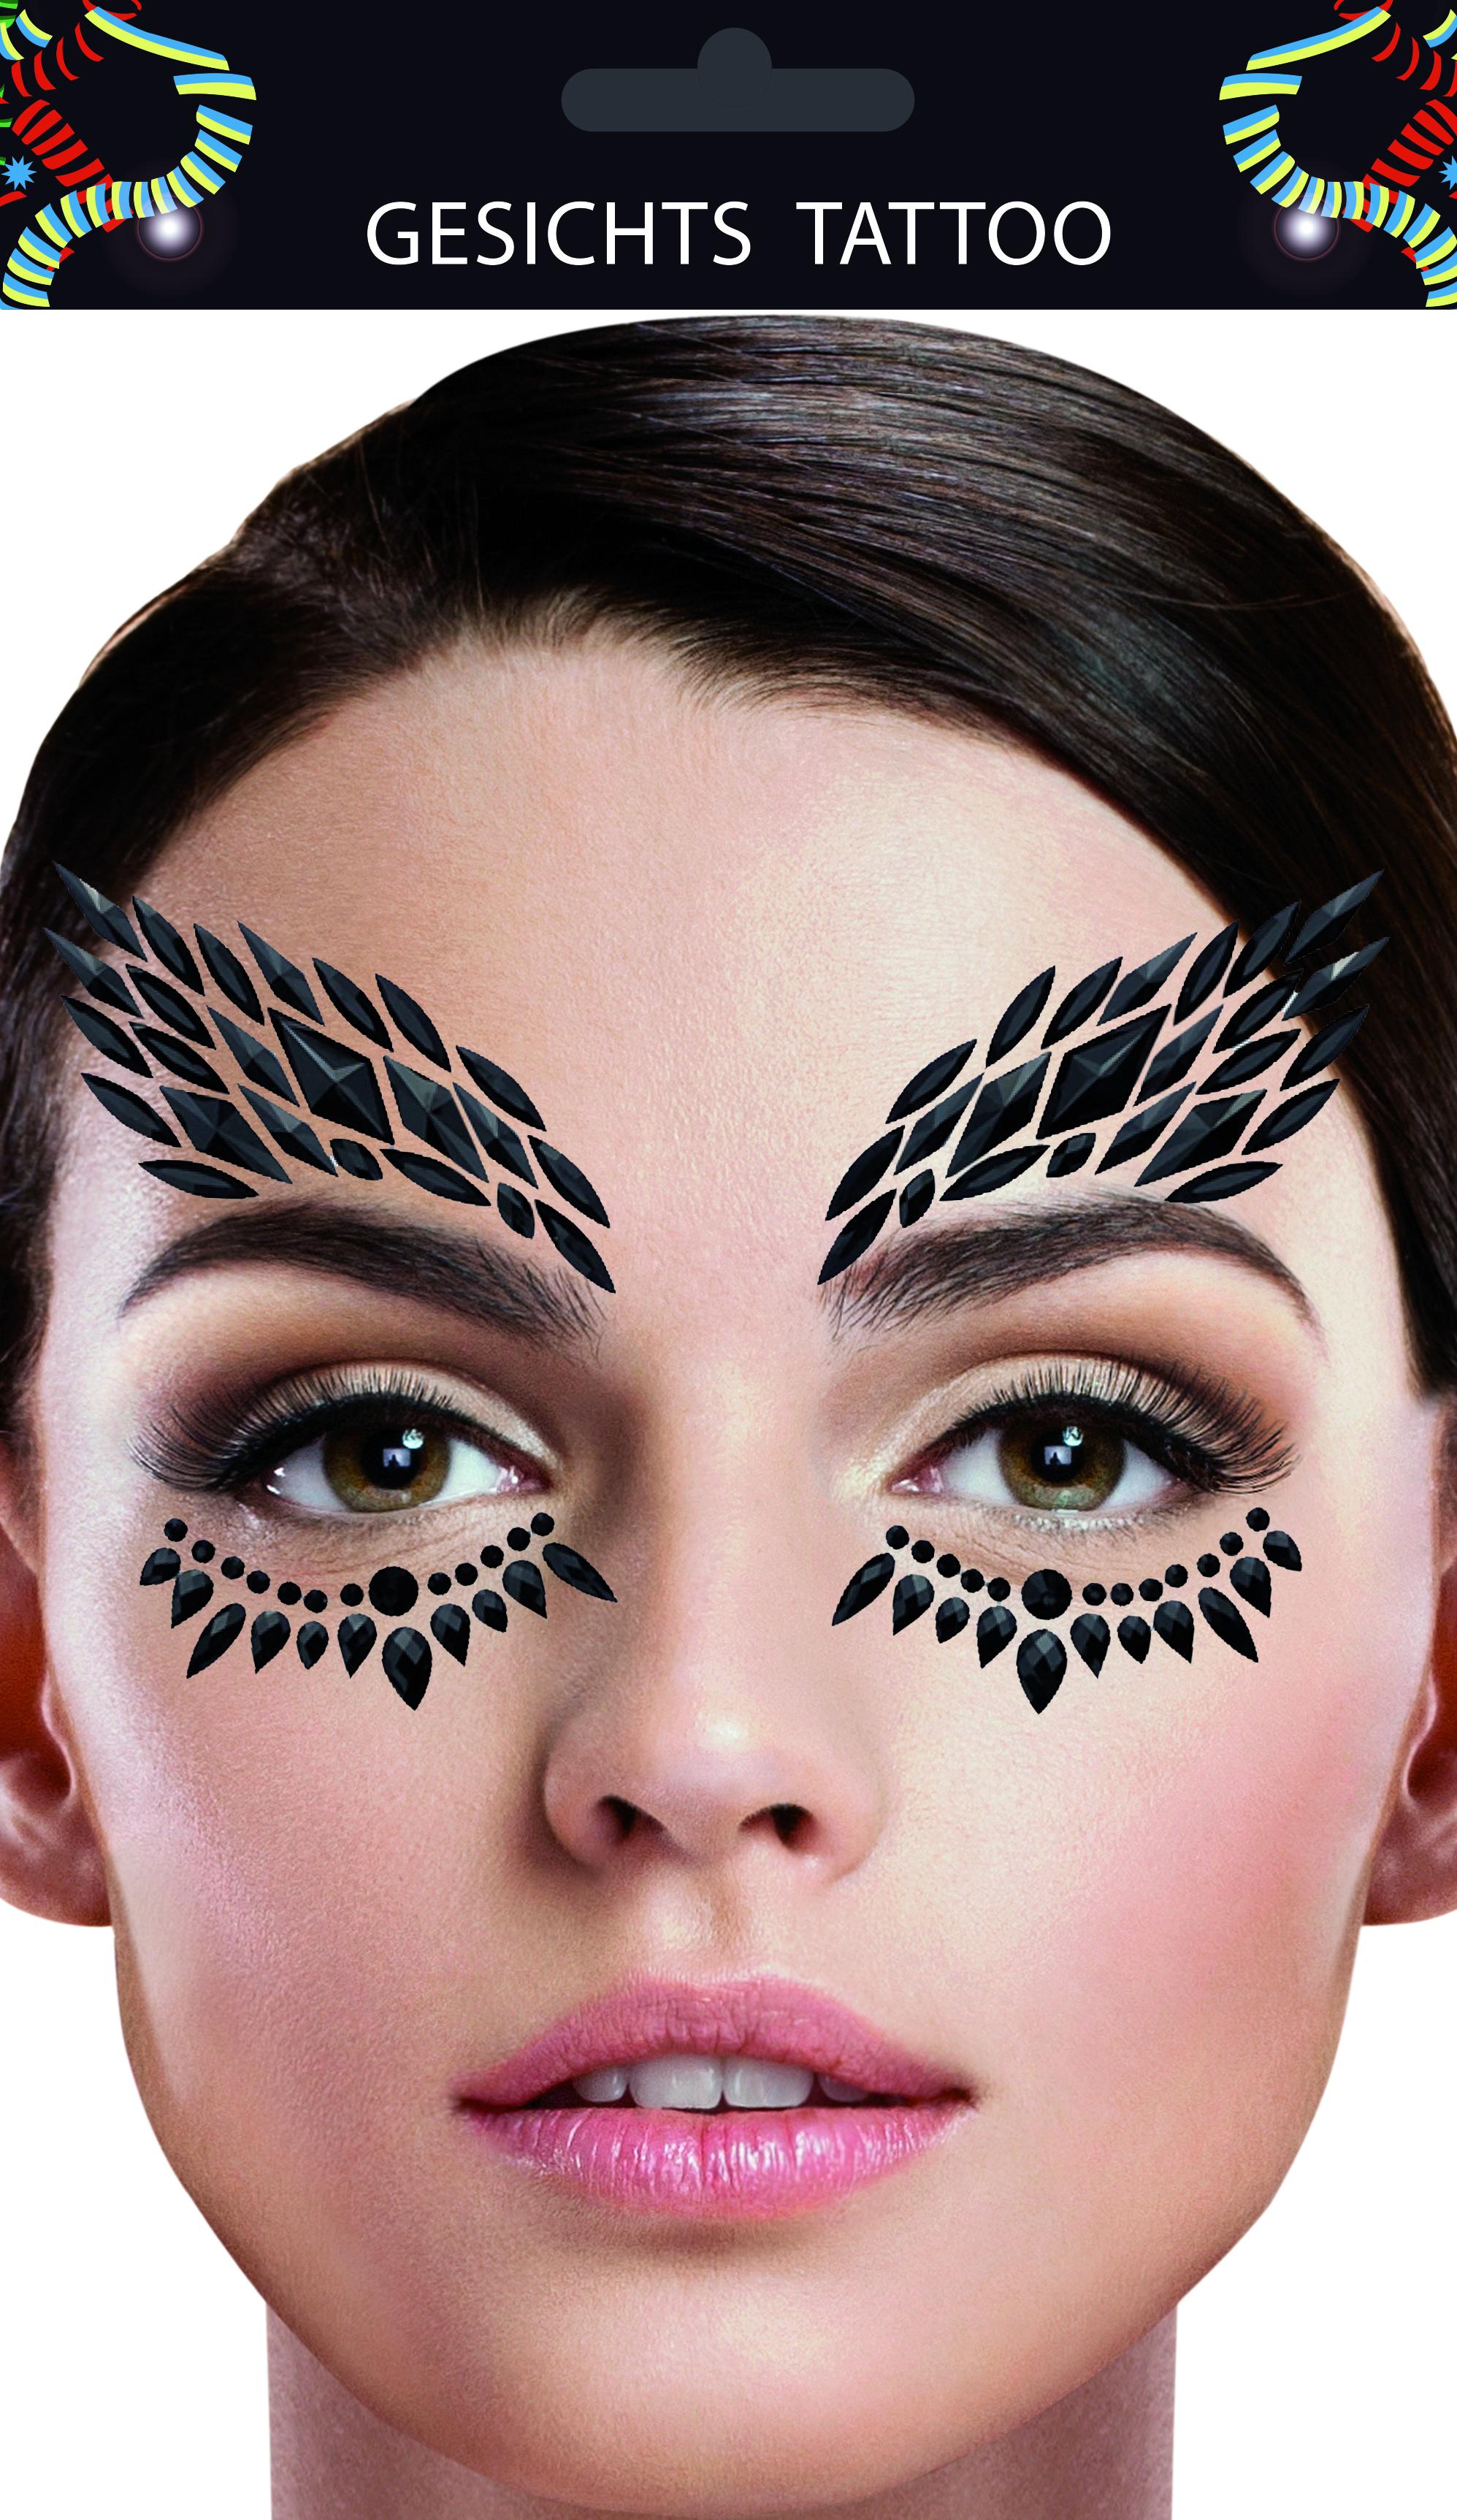 Gesichts-Tattoo schwarzer Schwan